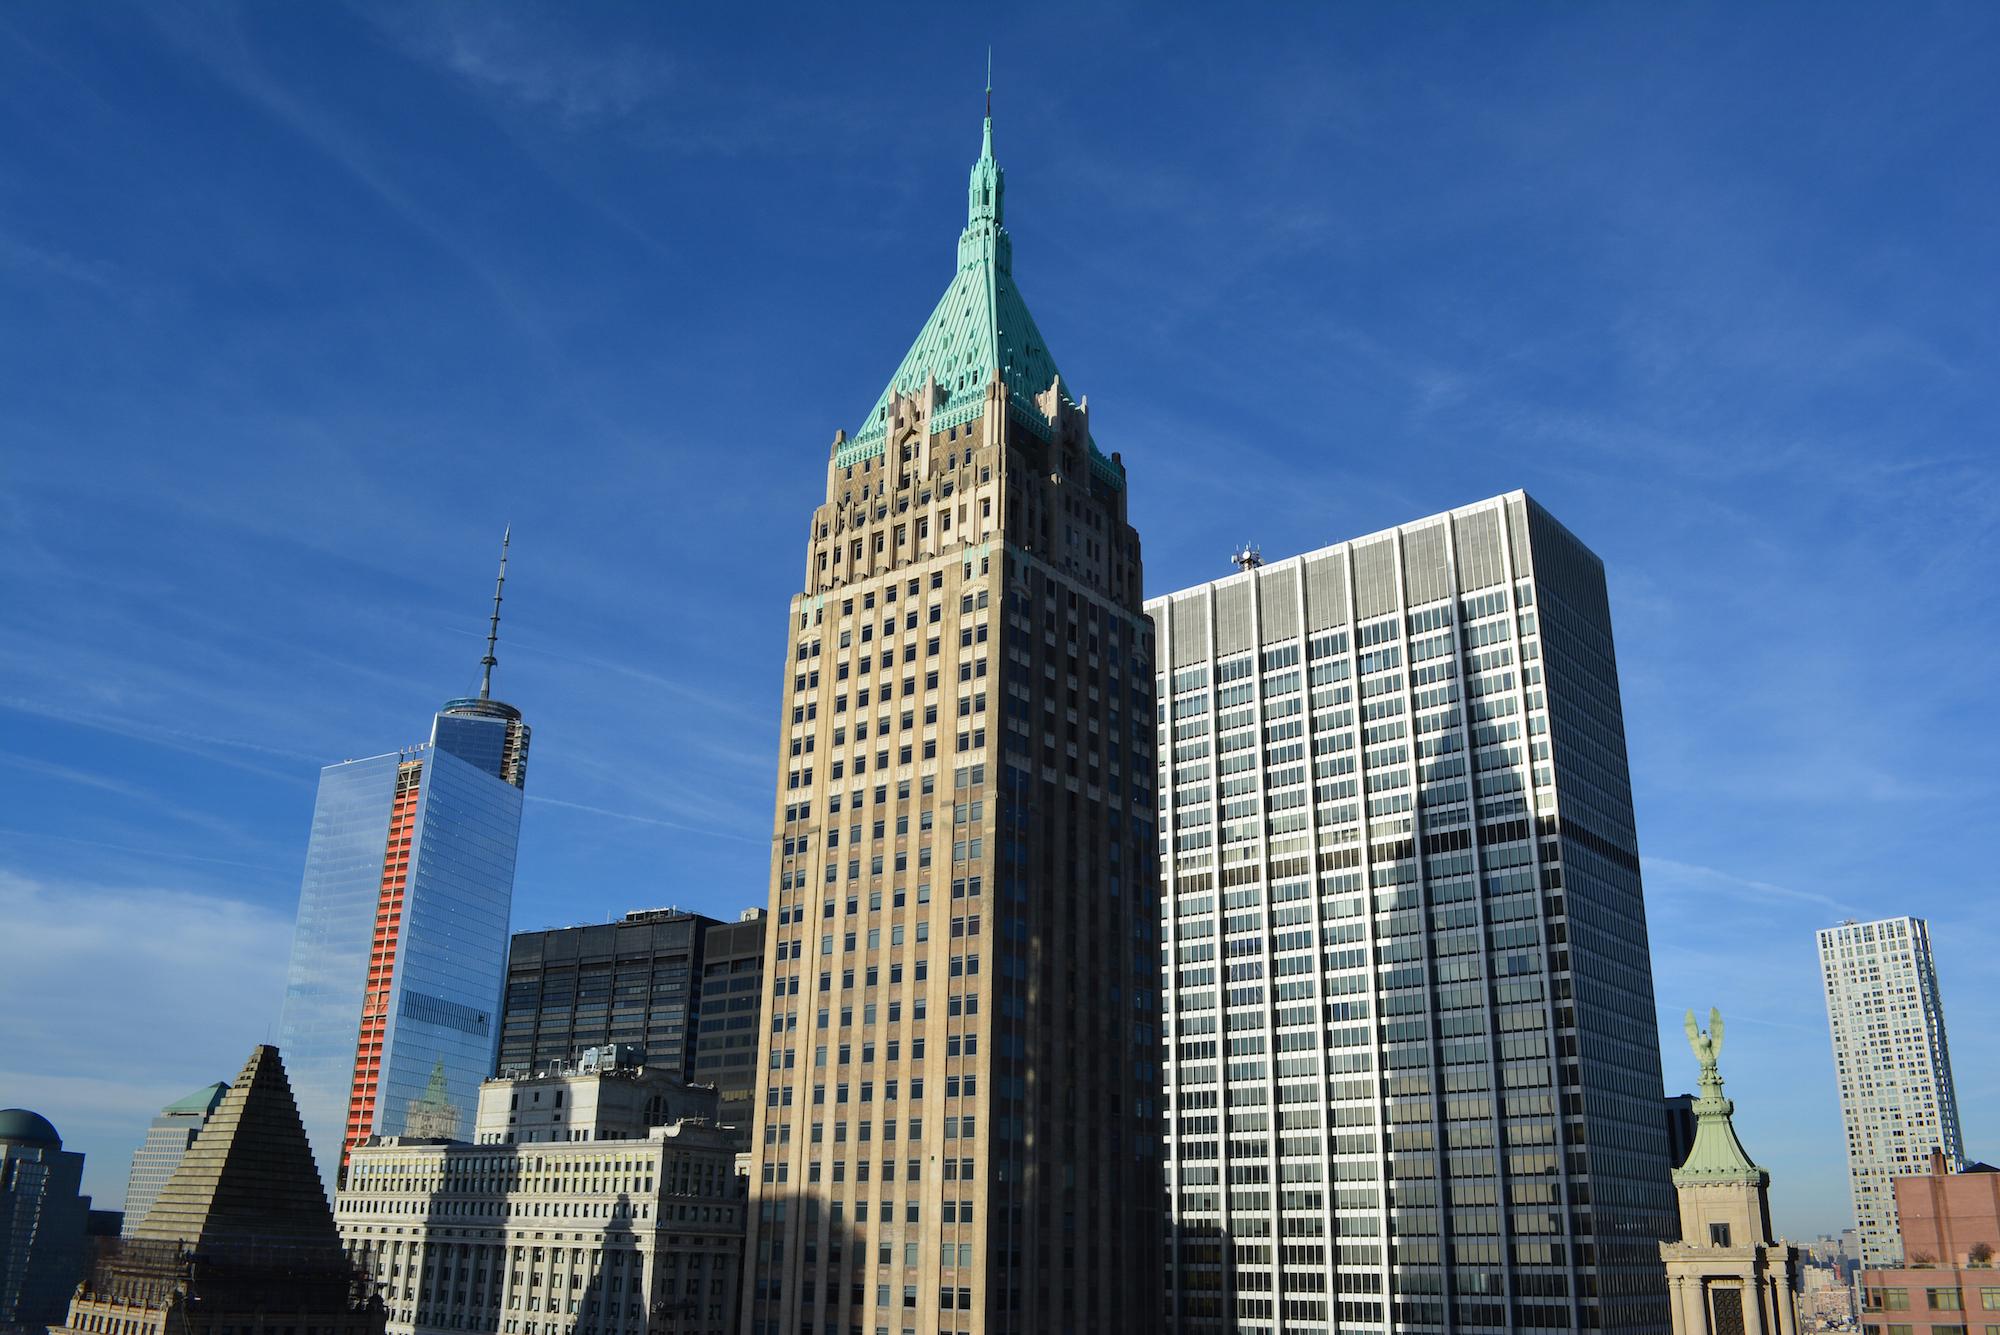 The Trump Building (Nova Iorque, EUA)